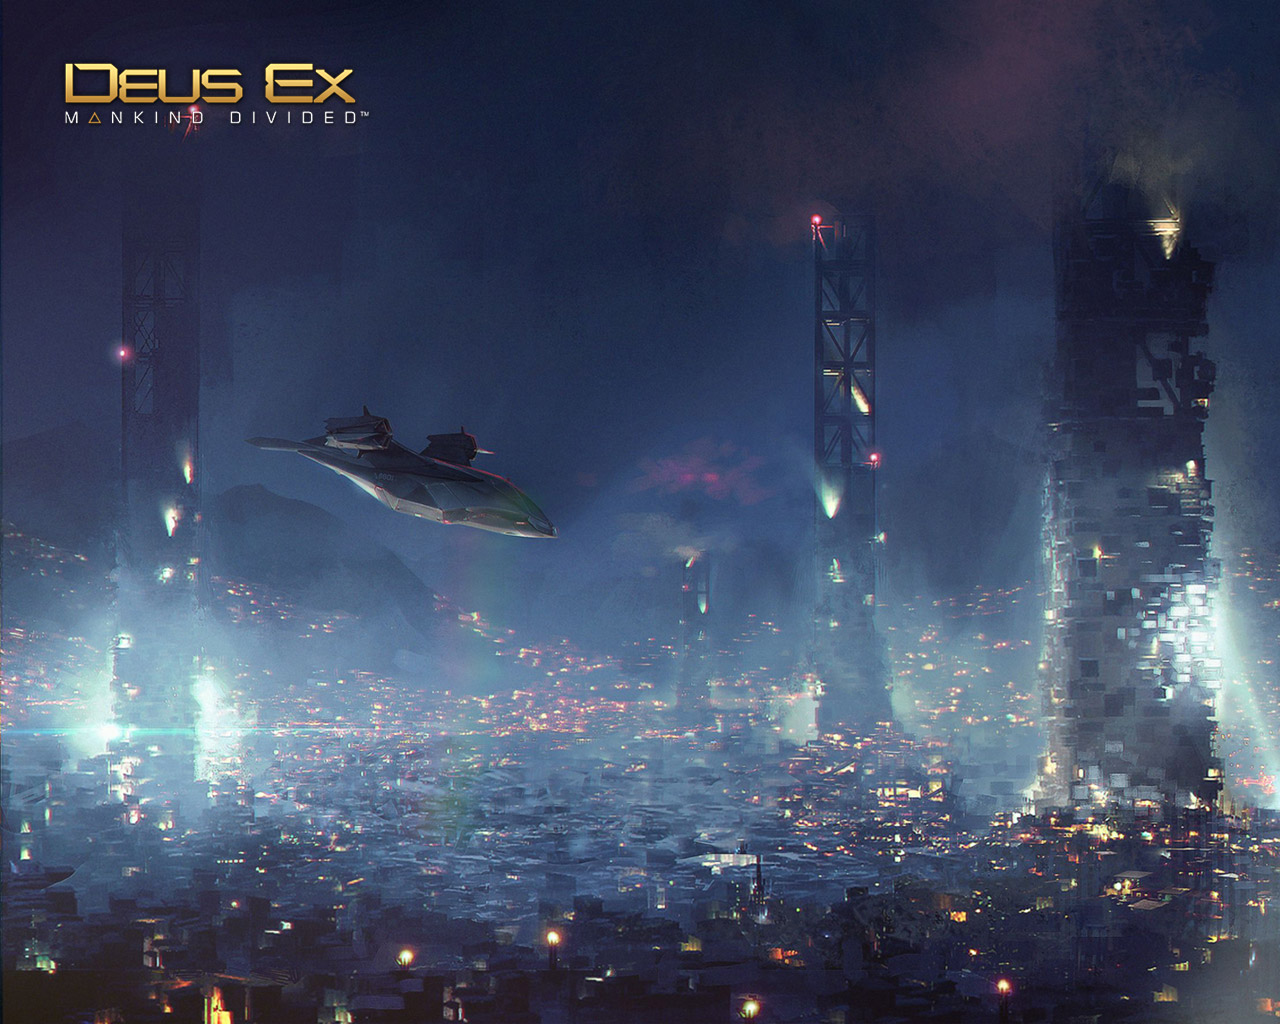 Free Deus Ex: Mankind Divided Wallpaper in 1280x1024